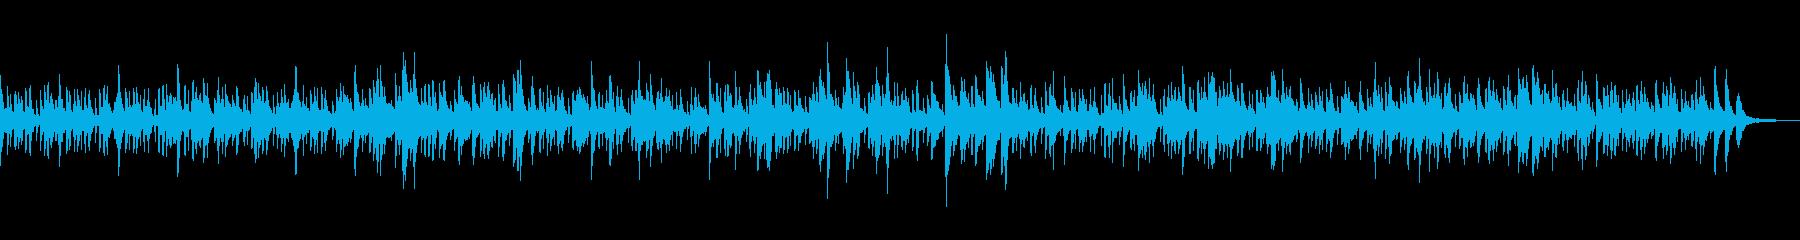 ピアノとガットギターの気だるいボサノヴァの再生済みの波形